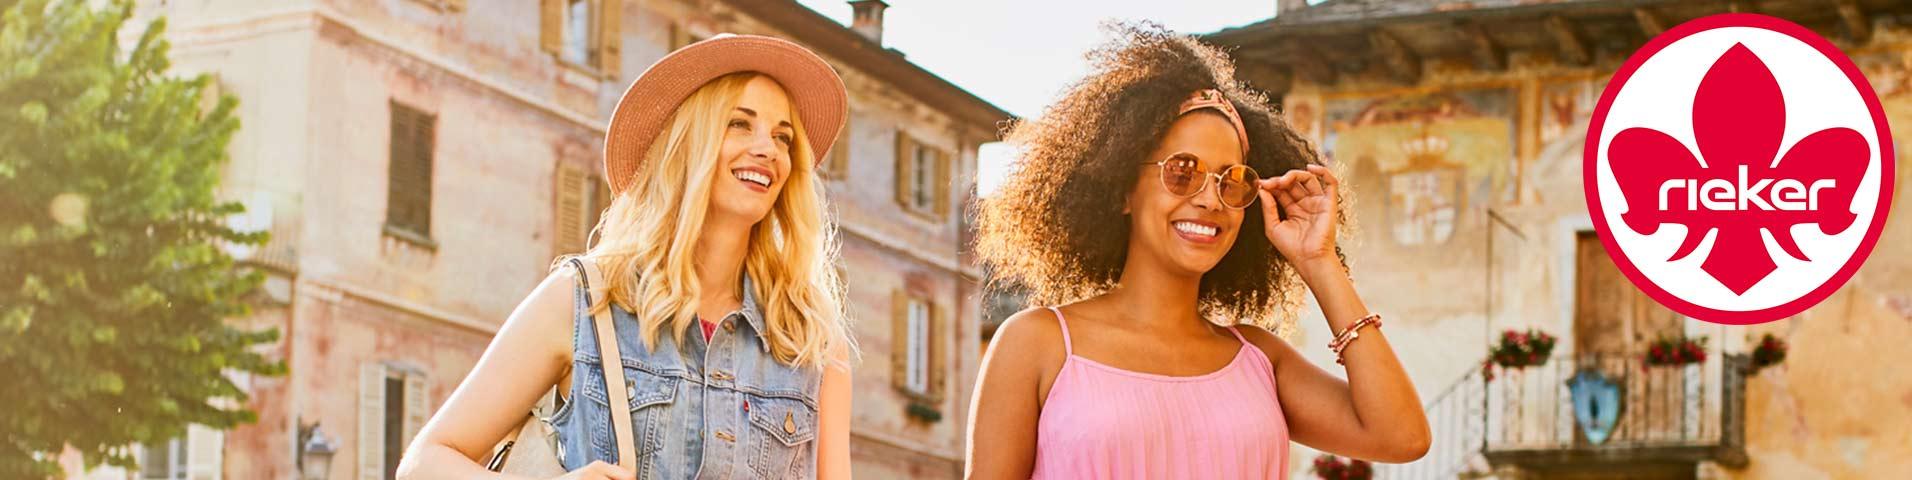 Rieker Sandalen online kaufen | Unverzichtbar für den Sommer